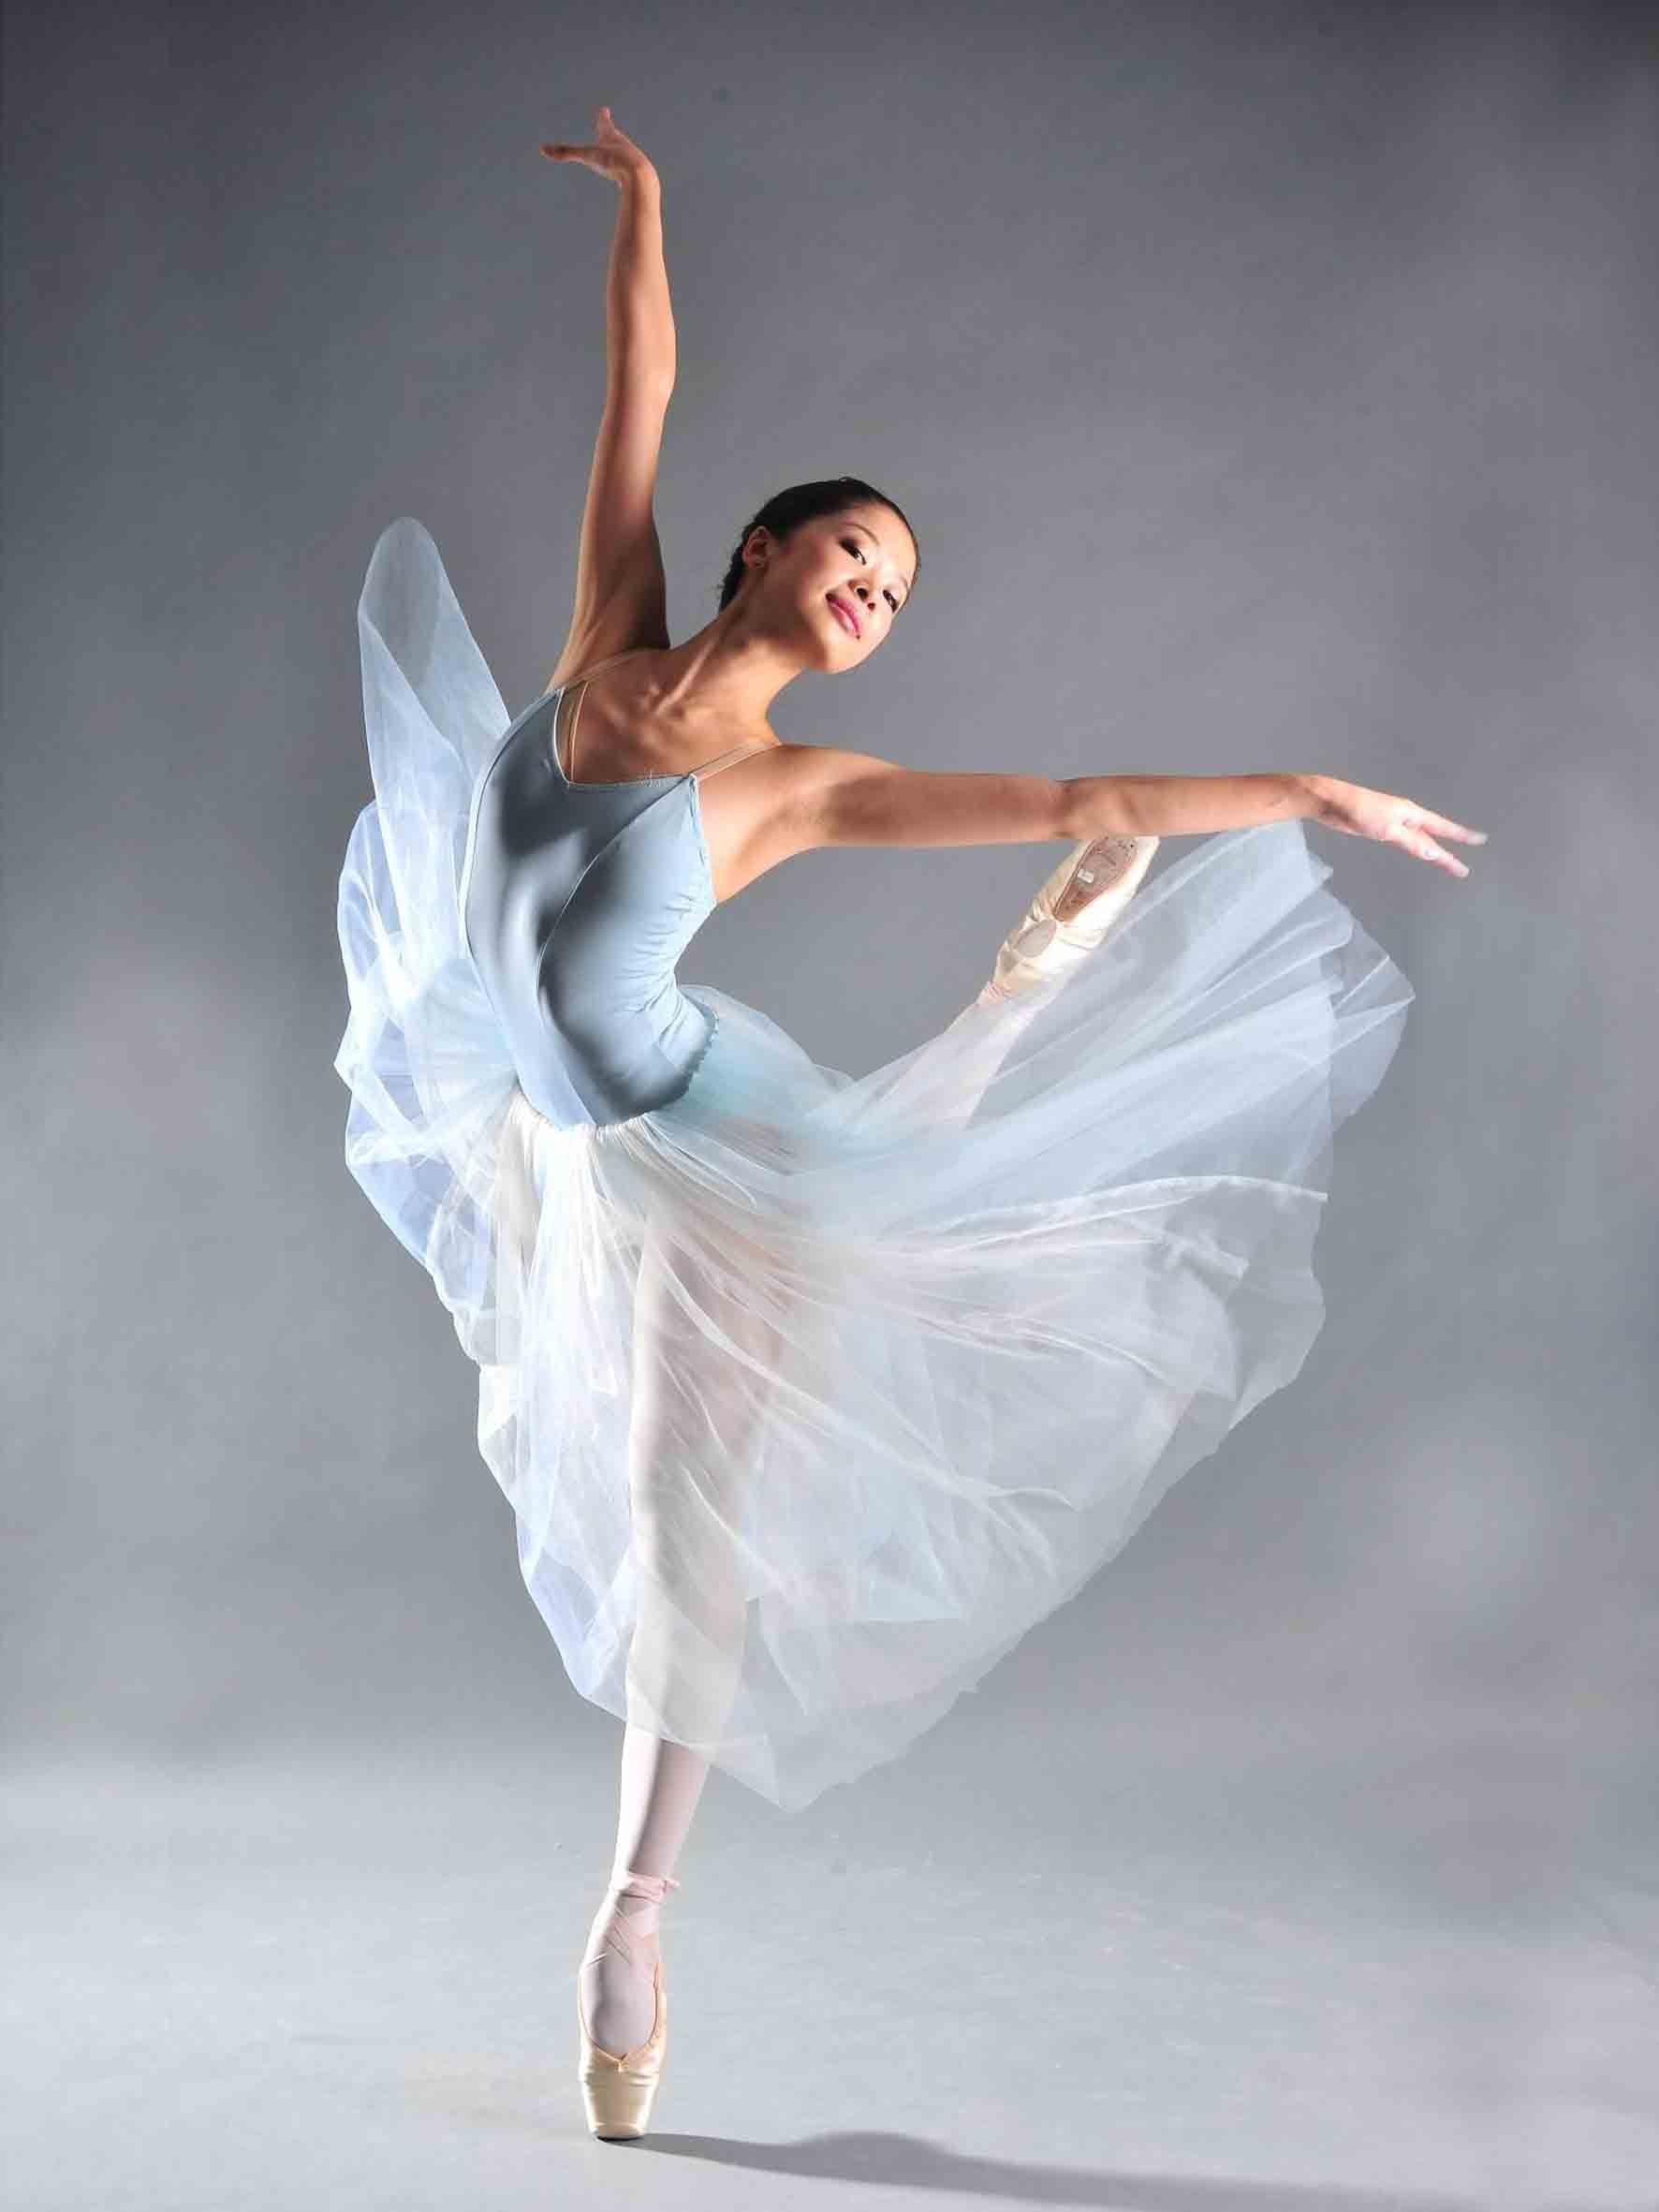 Фото балерины смотреть бесплатно 9 фотография